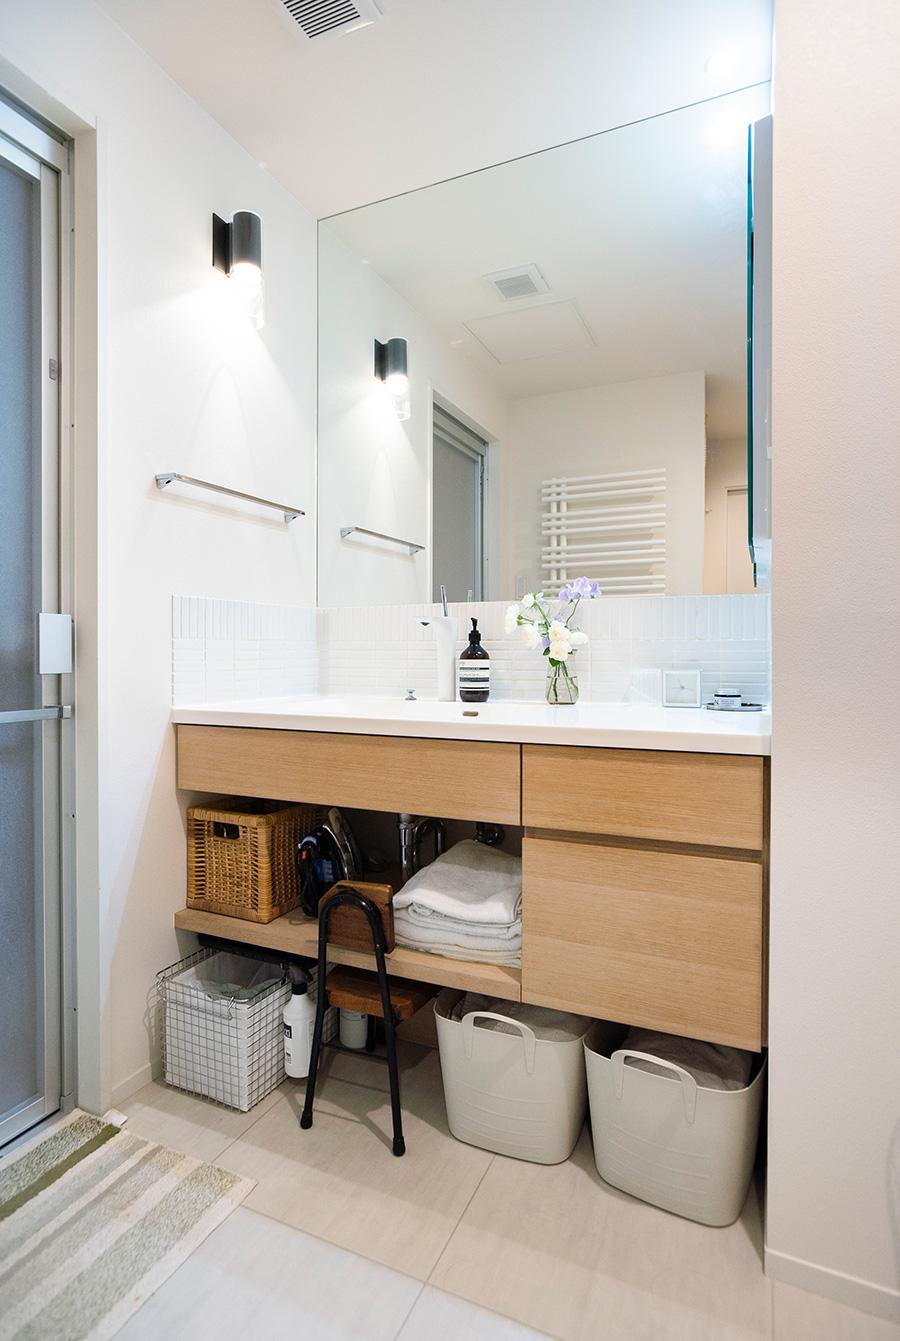 洗面台は、オークの突板にホワイトふき取り塗装をかけた素材で造作。下はオープンにして脱衣カゴなどを置くスペースに。